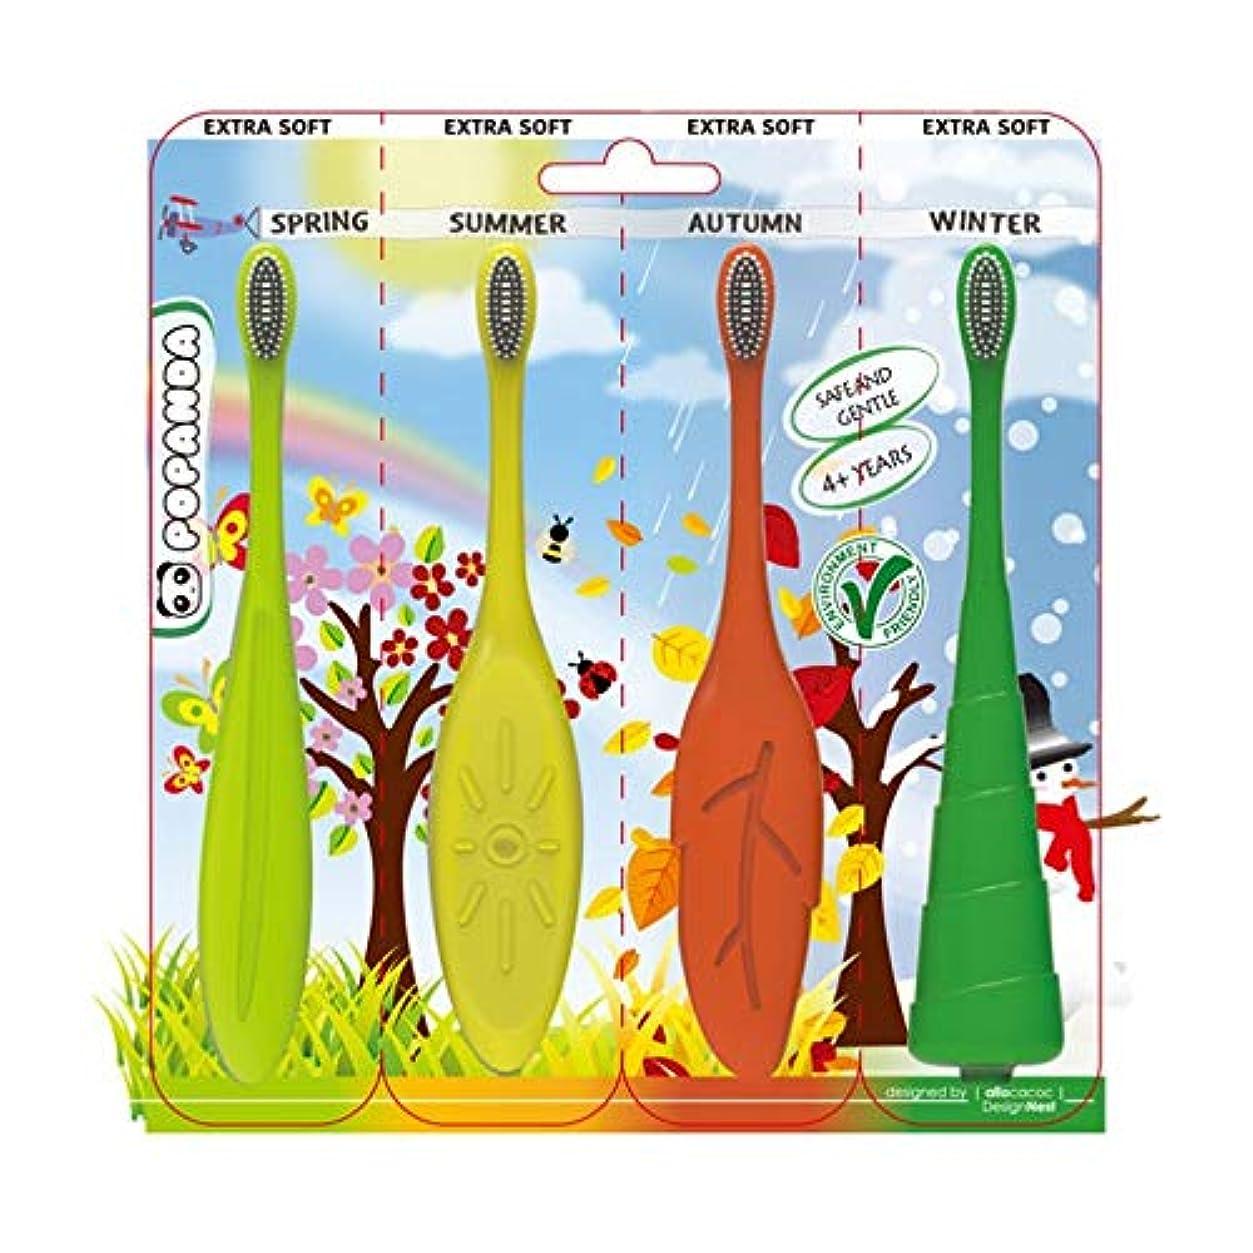 不道徳セグメント老朽化した(4個) Baby 幼児 四季 シリコン歯ブラシ Set Baby Kid's Gift Seasonal Silicone Toothbrush 並行輸入